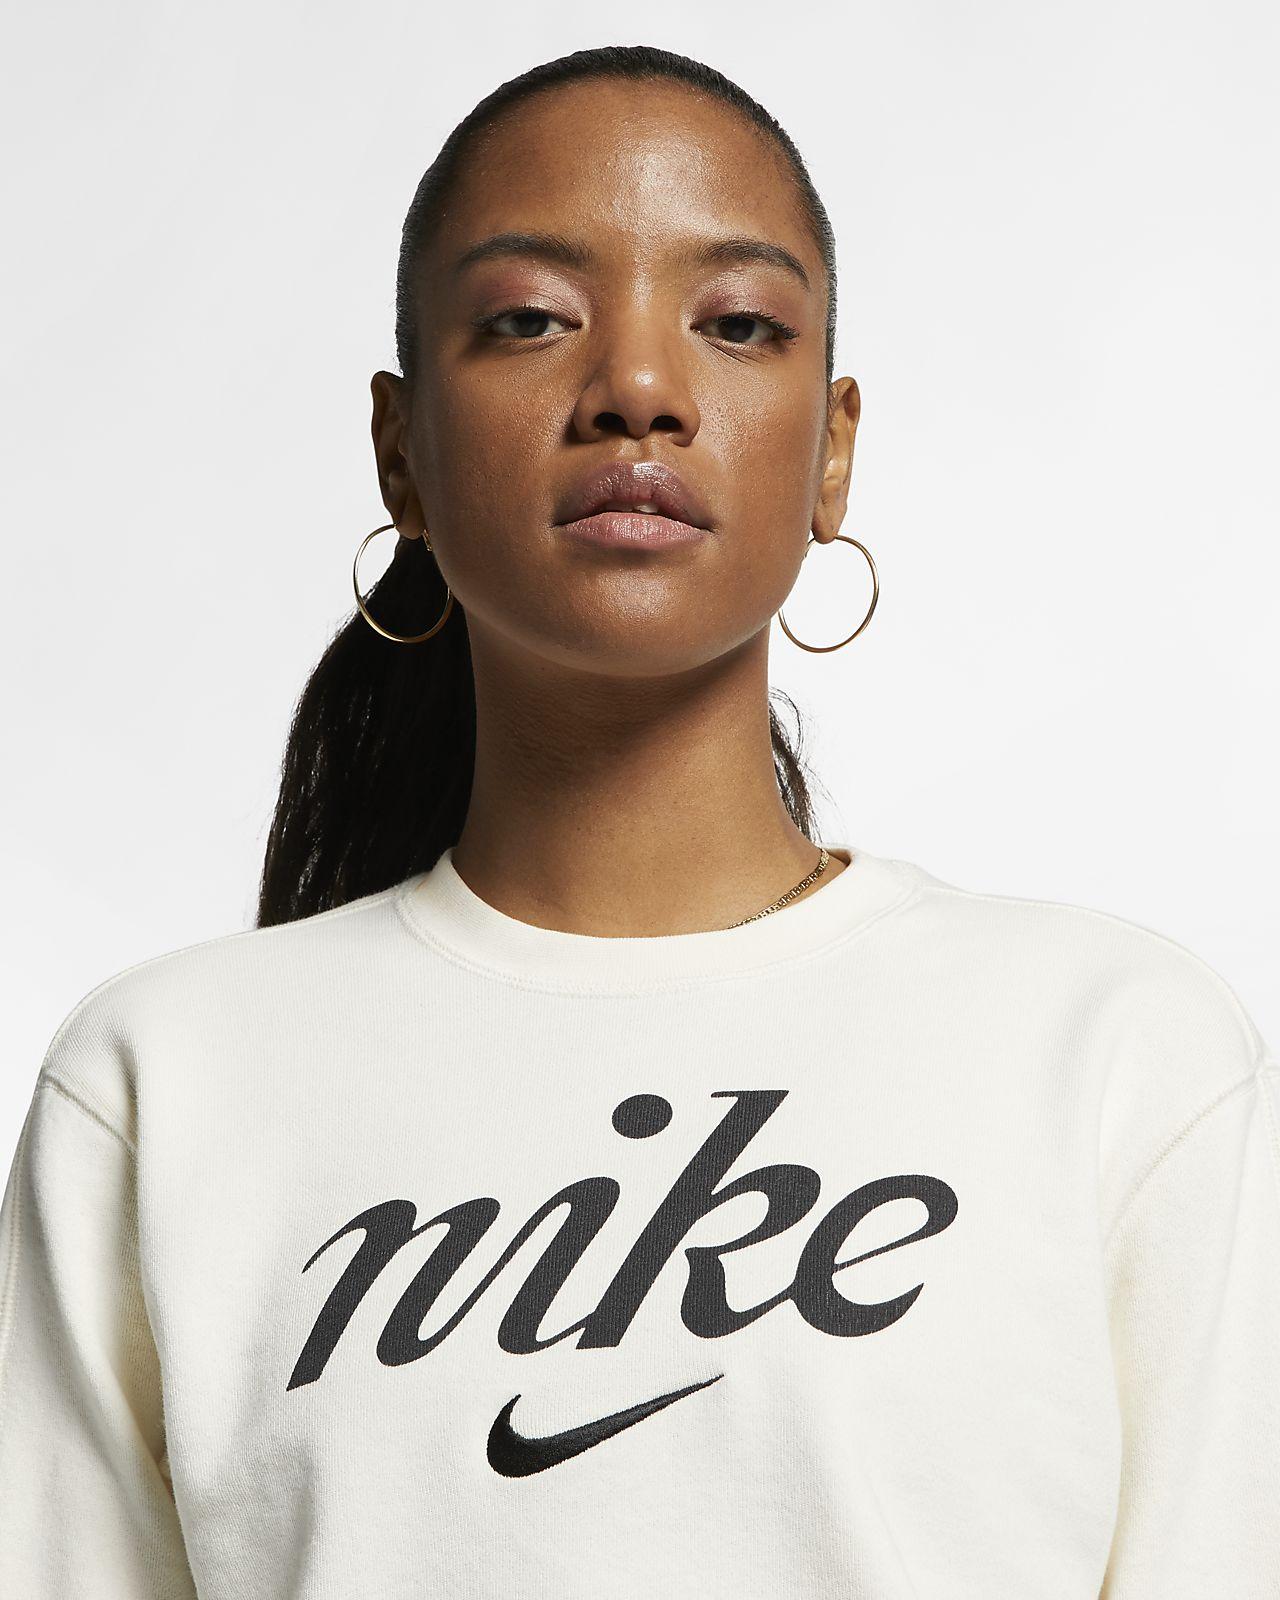 84857ee7723 Low Resolution Nike Sportswear Women's Cropped Crew Nike Sportswear Women's  Cropped Crew